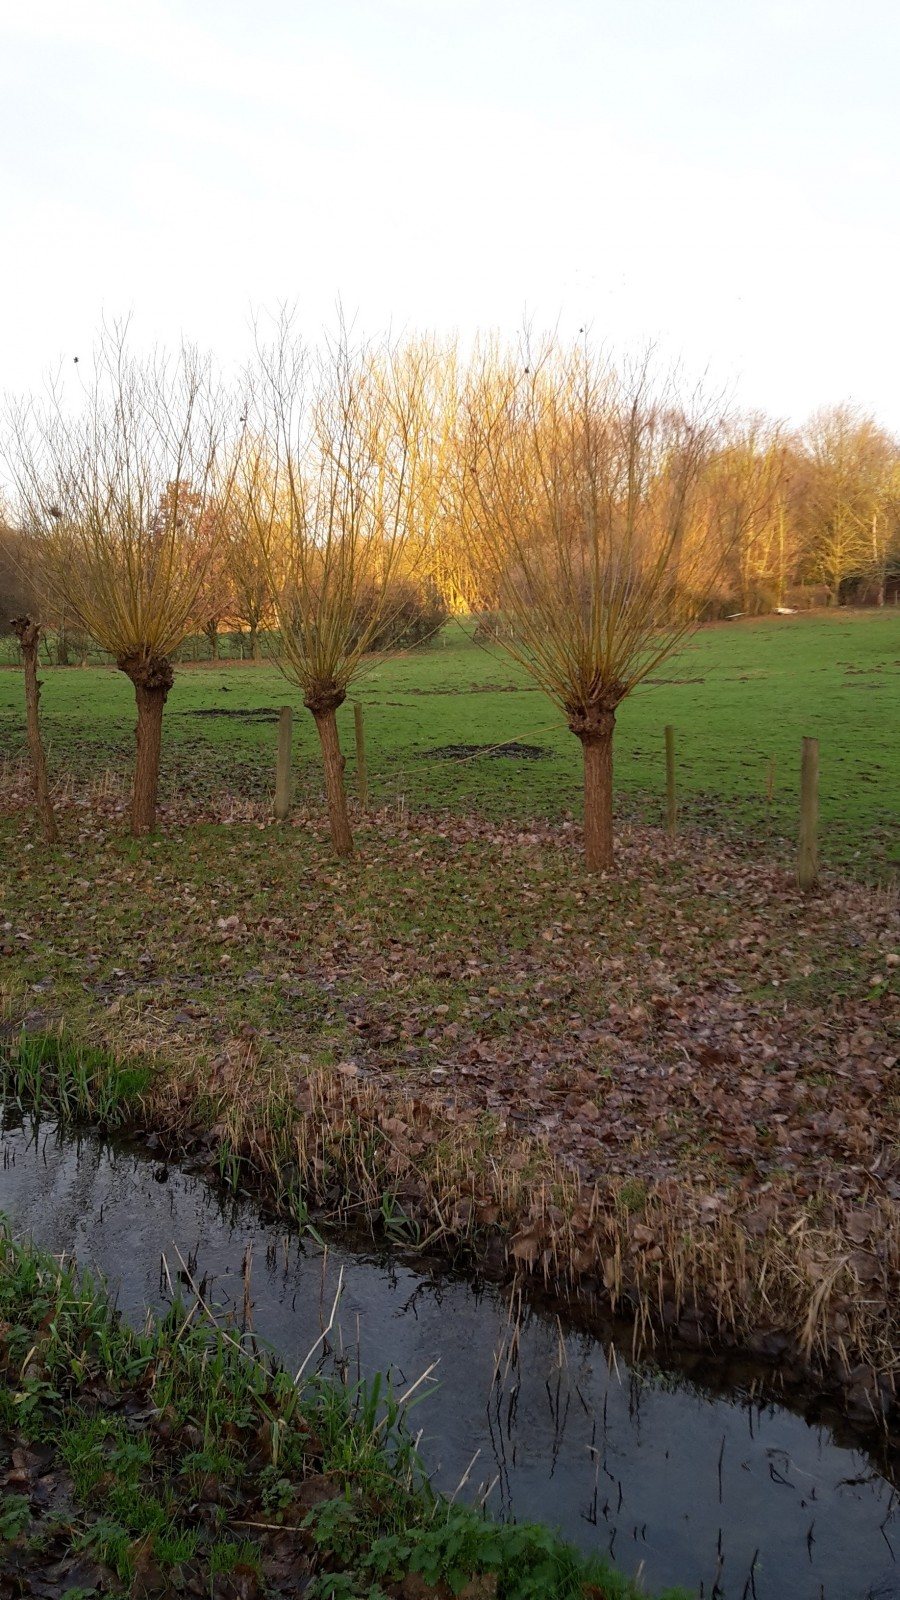 Photo des saules t tards au bord du molenbeek le long de la voie ferr e - Maison au bord de la voie ferree ...